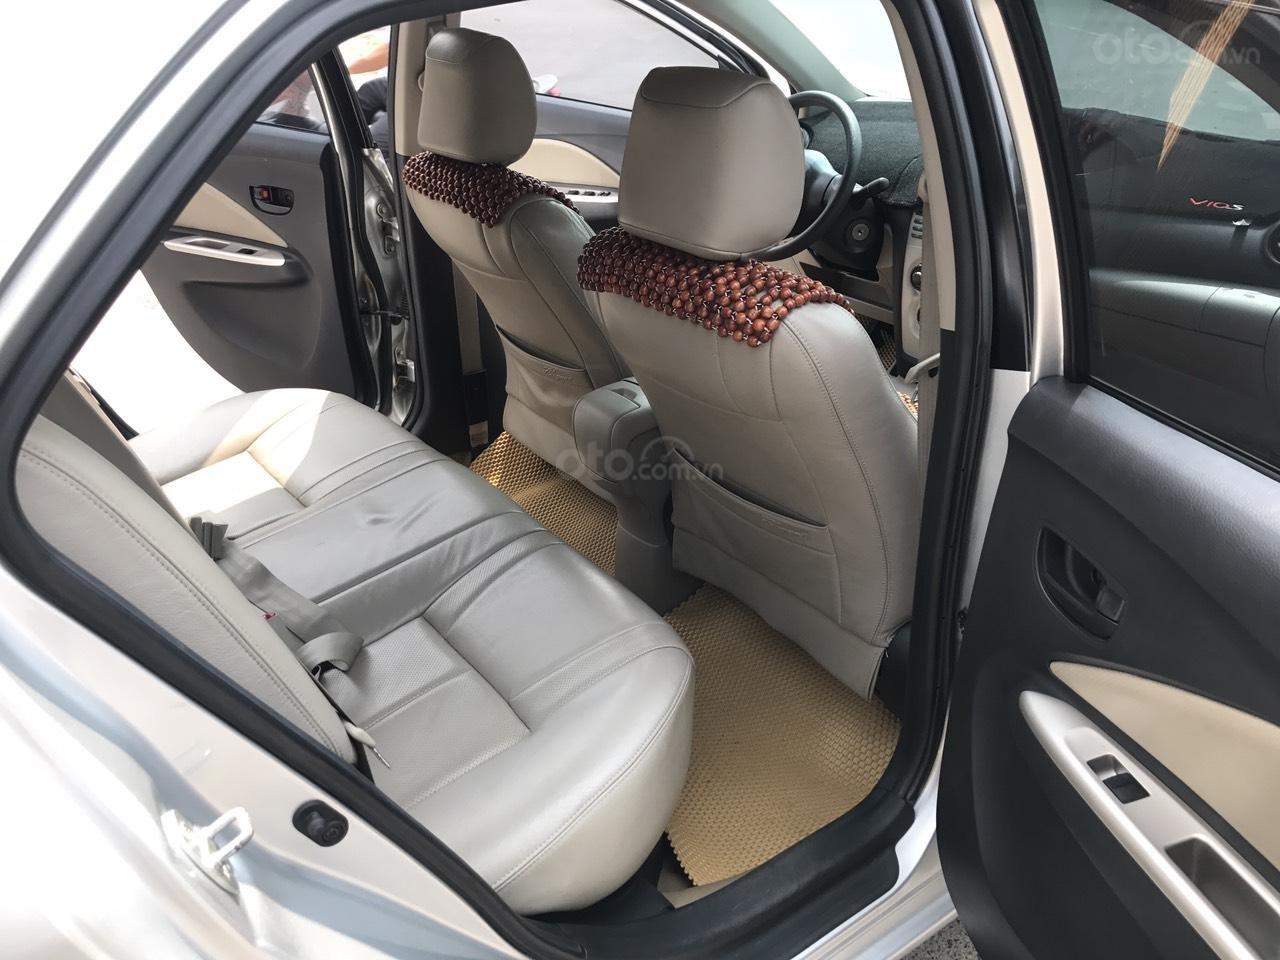 Bán xe Toyota Vios 1.5E đời 2010, màu bạc, nói không với lỗi nhỏ taxi, động chạm máy móc (21)